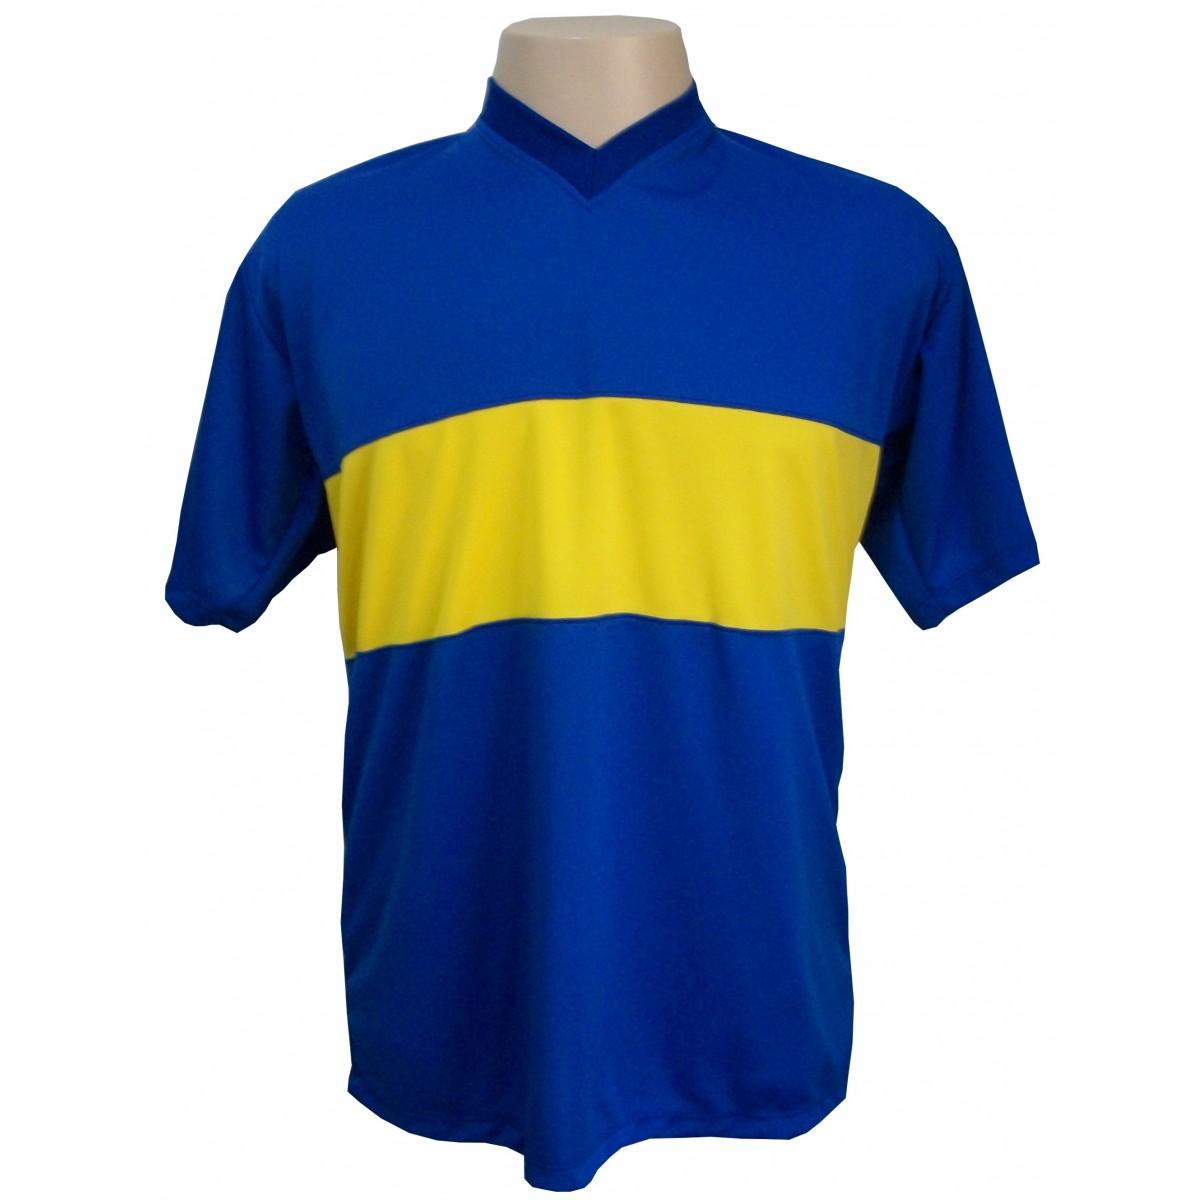 Jogo de Camisa modelo Boca Juniors 14 pe�as Royal/Amarelo - Frete Gr�tis + Brindes